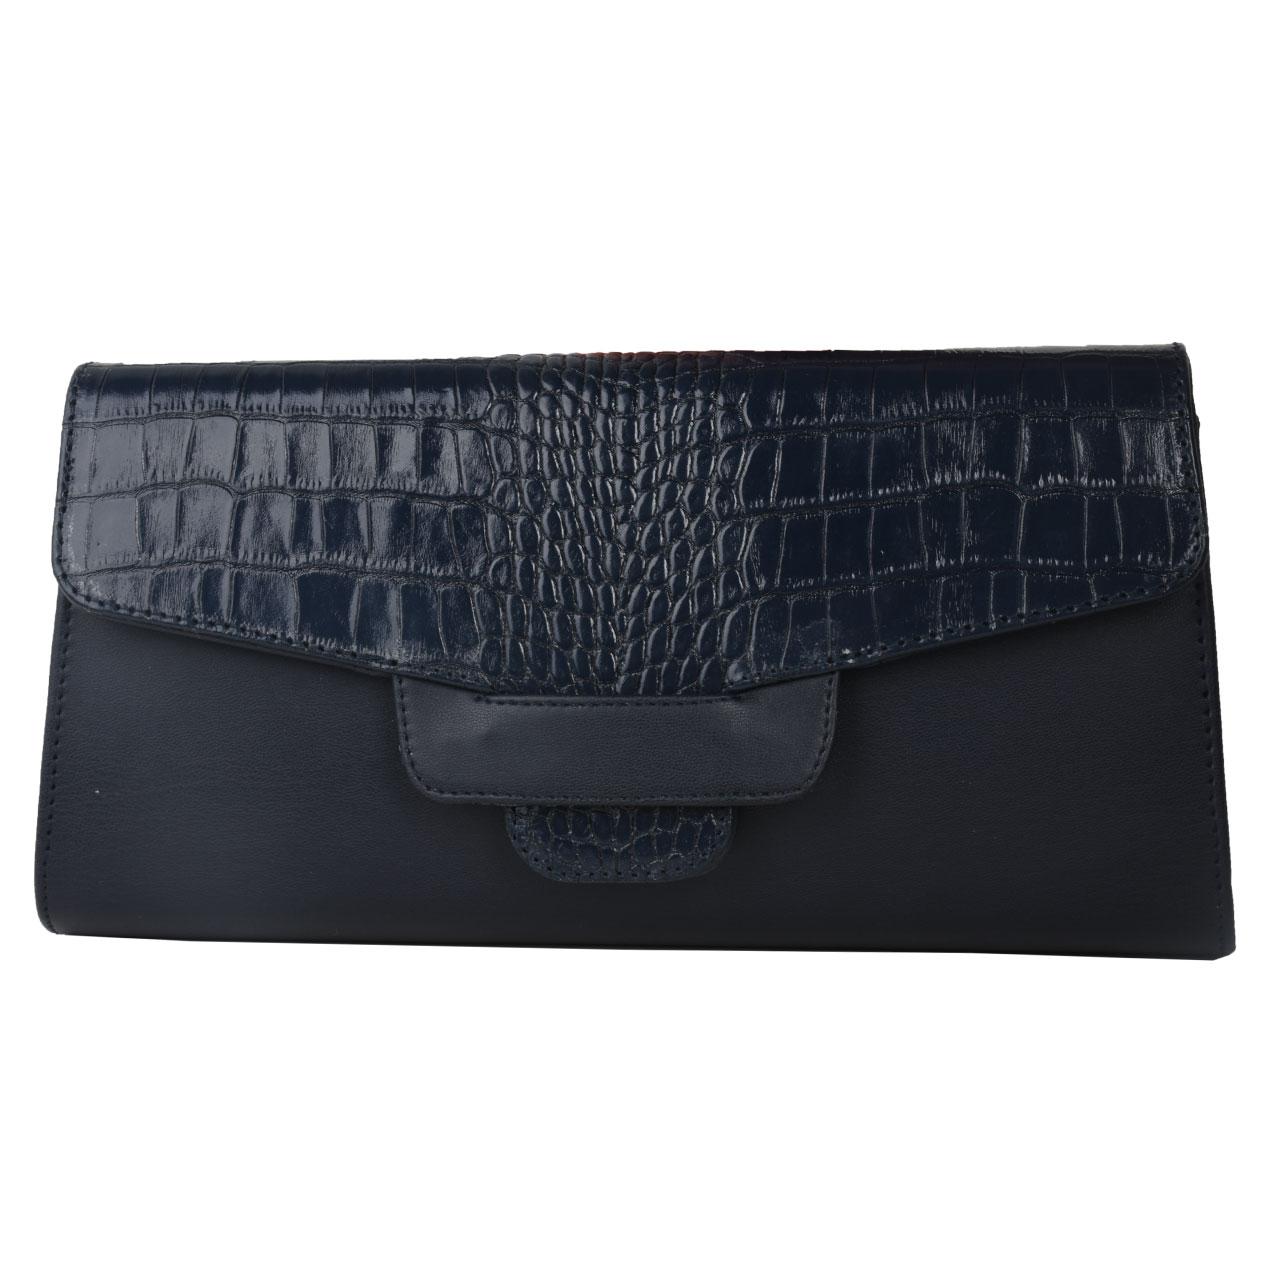 کیف دستی زنانه پارینه مدل PLV175-11-1596